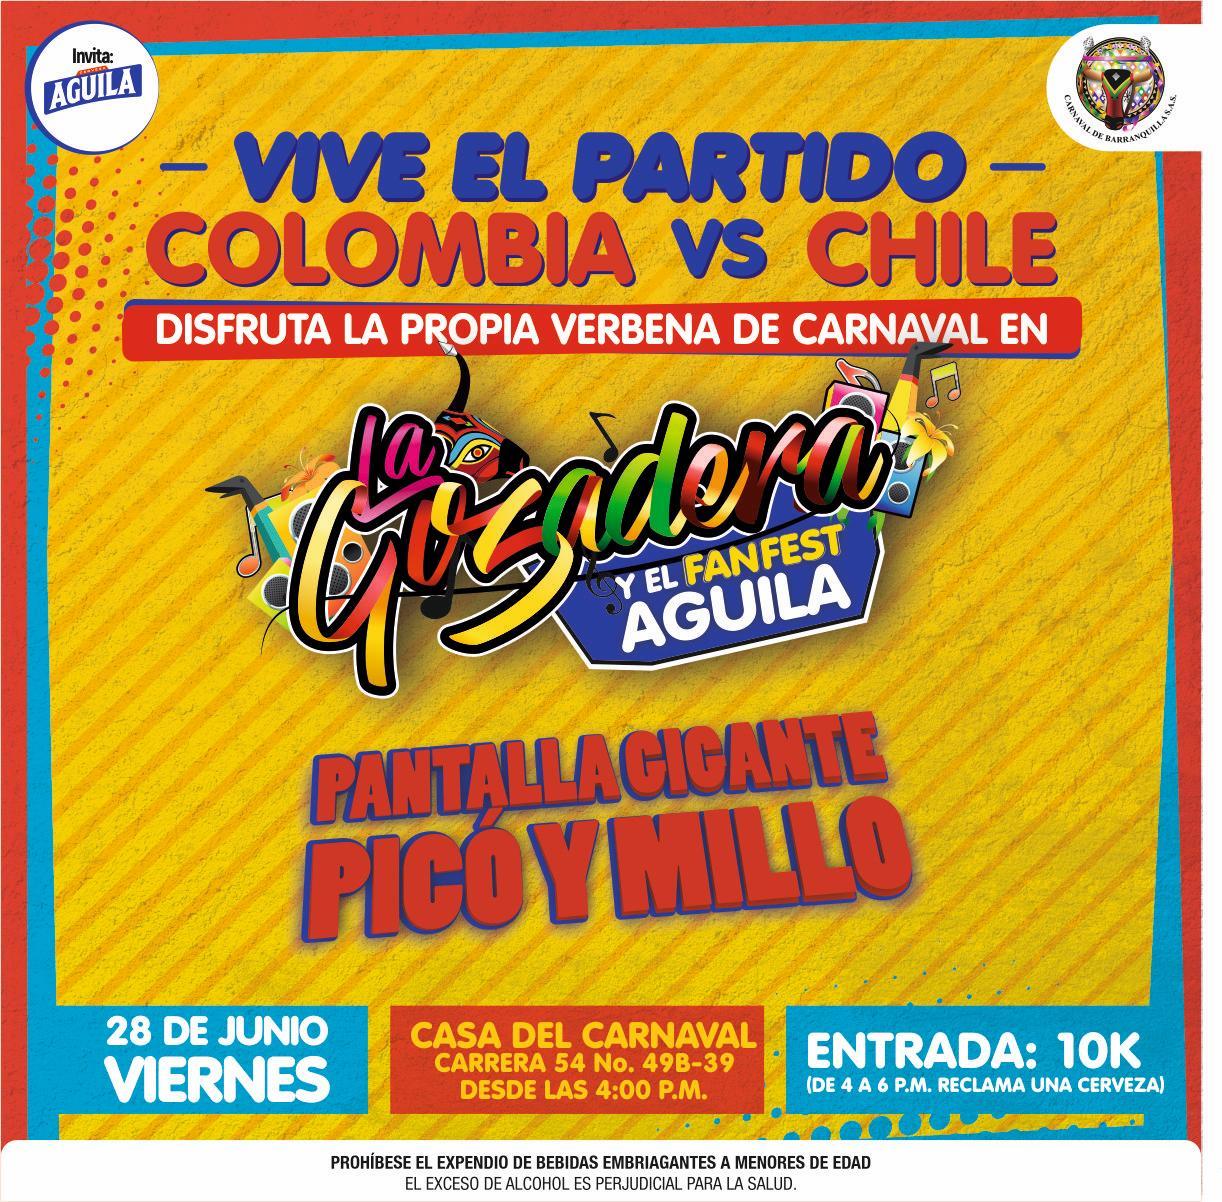 La Gozadera tricolor para el partido  Colombia vs. Chile